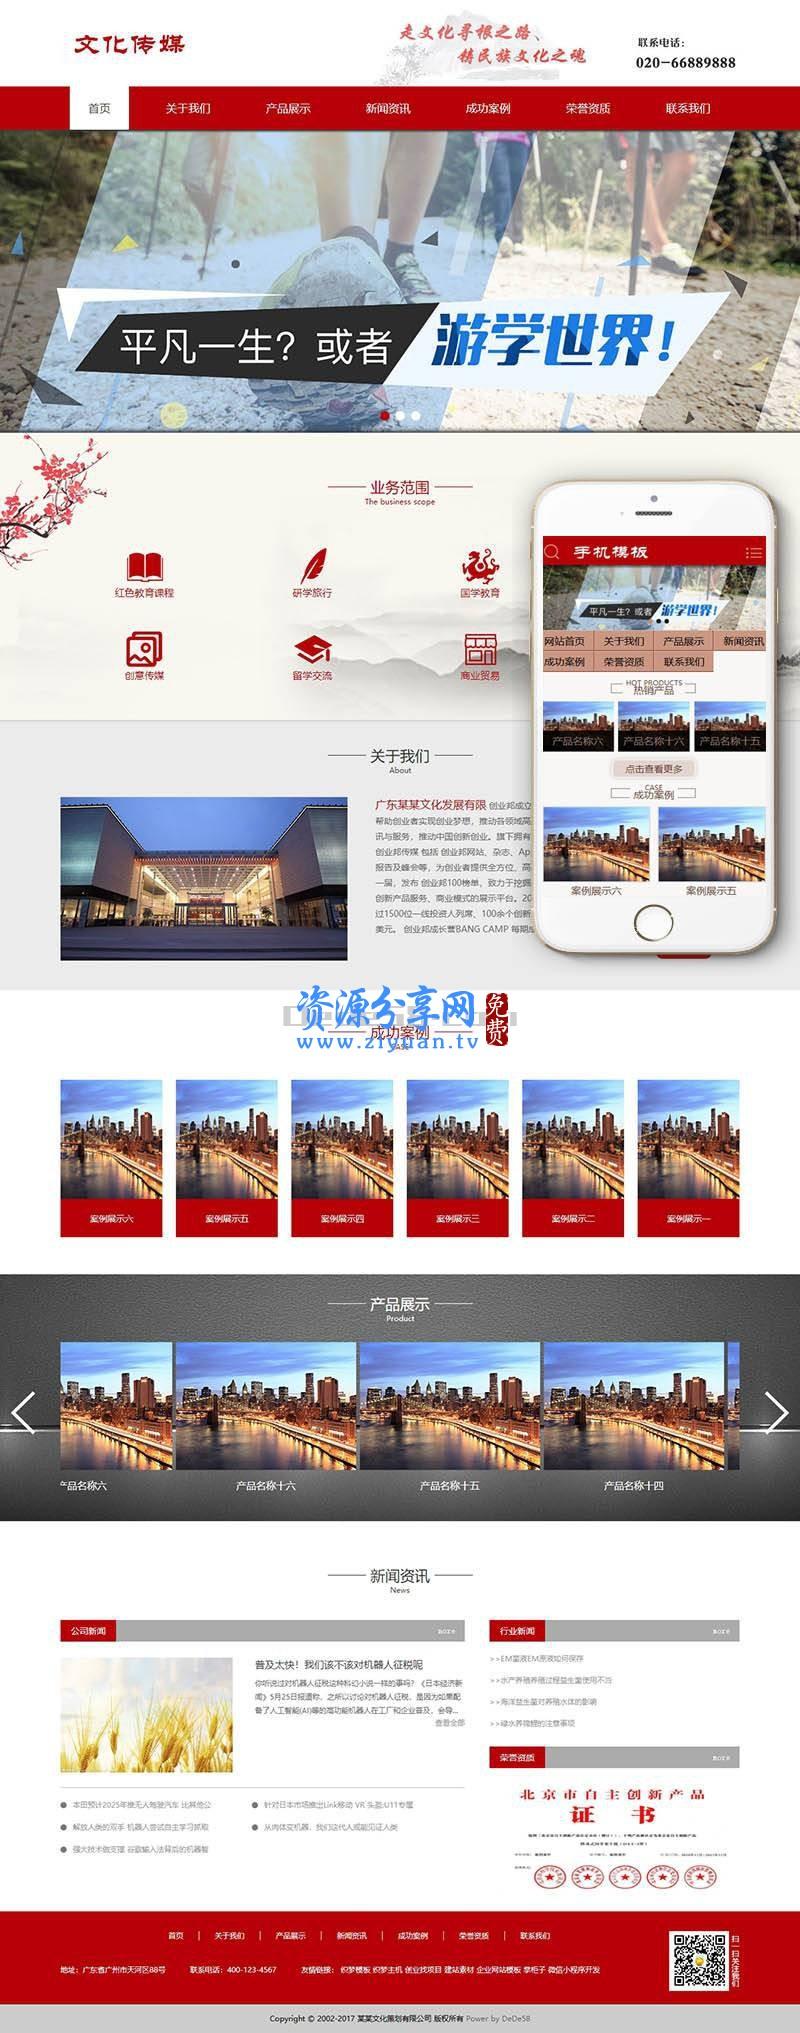 织梦 dedecms 文化策划展览传媒类模板(自适应 wap 手机端)